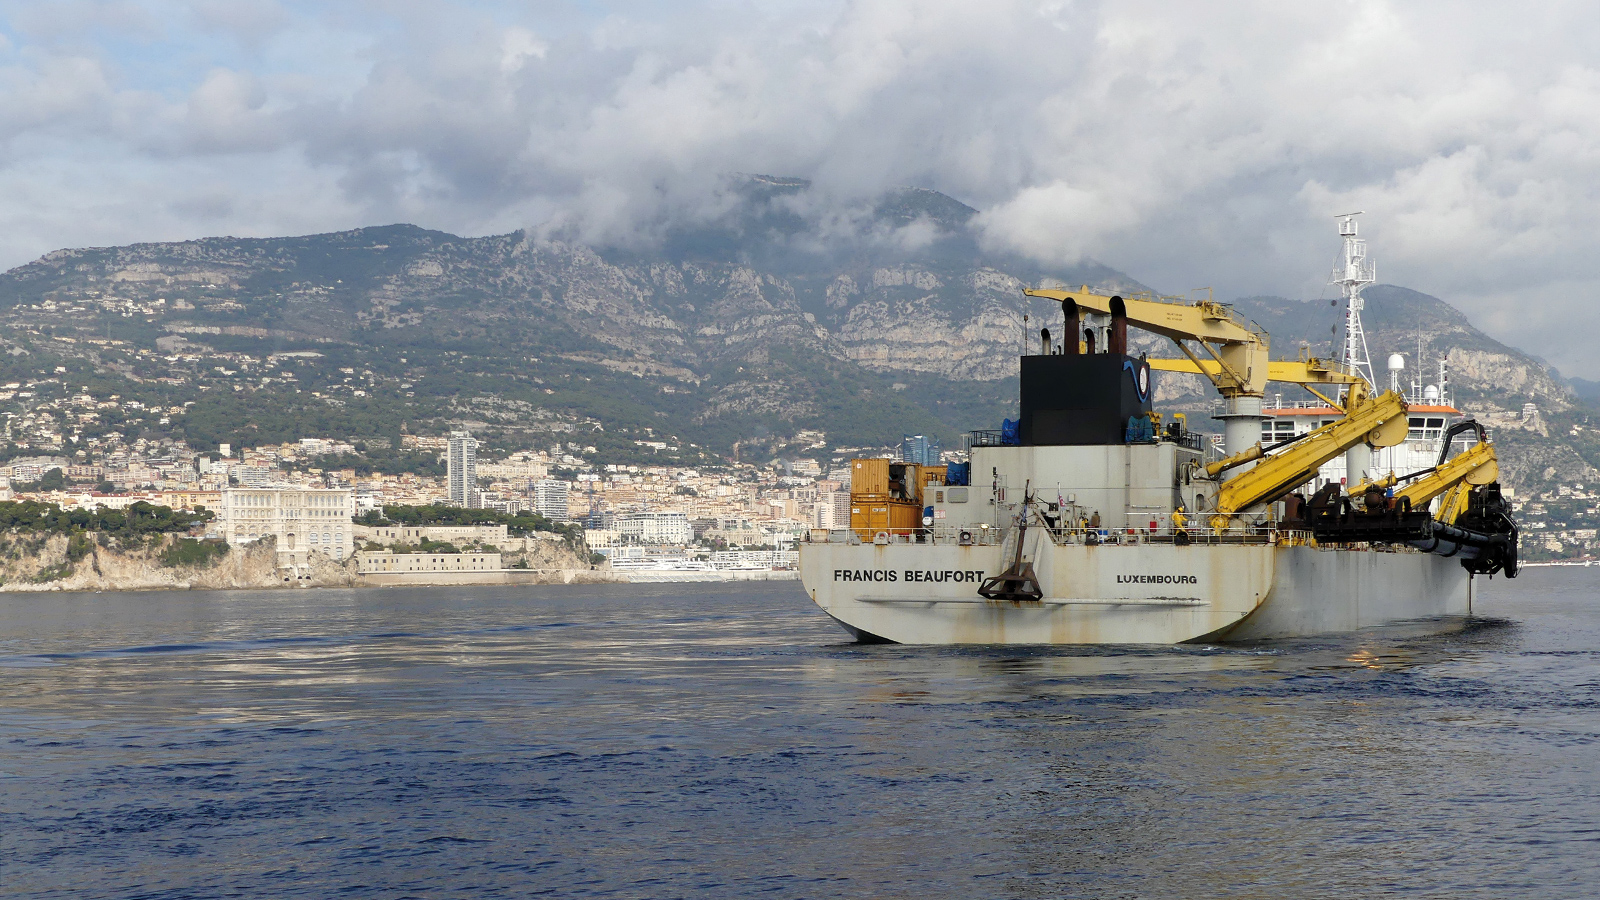 Extension en mer<br/>Draguer sans polluer, c'est possible?